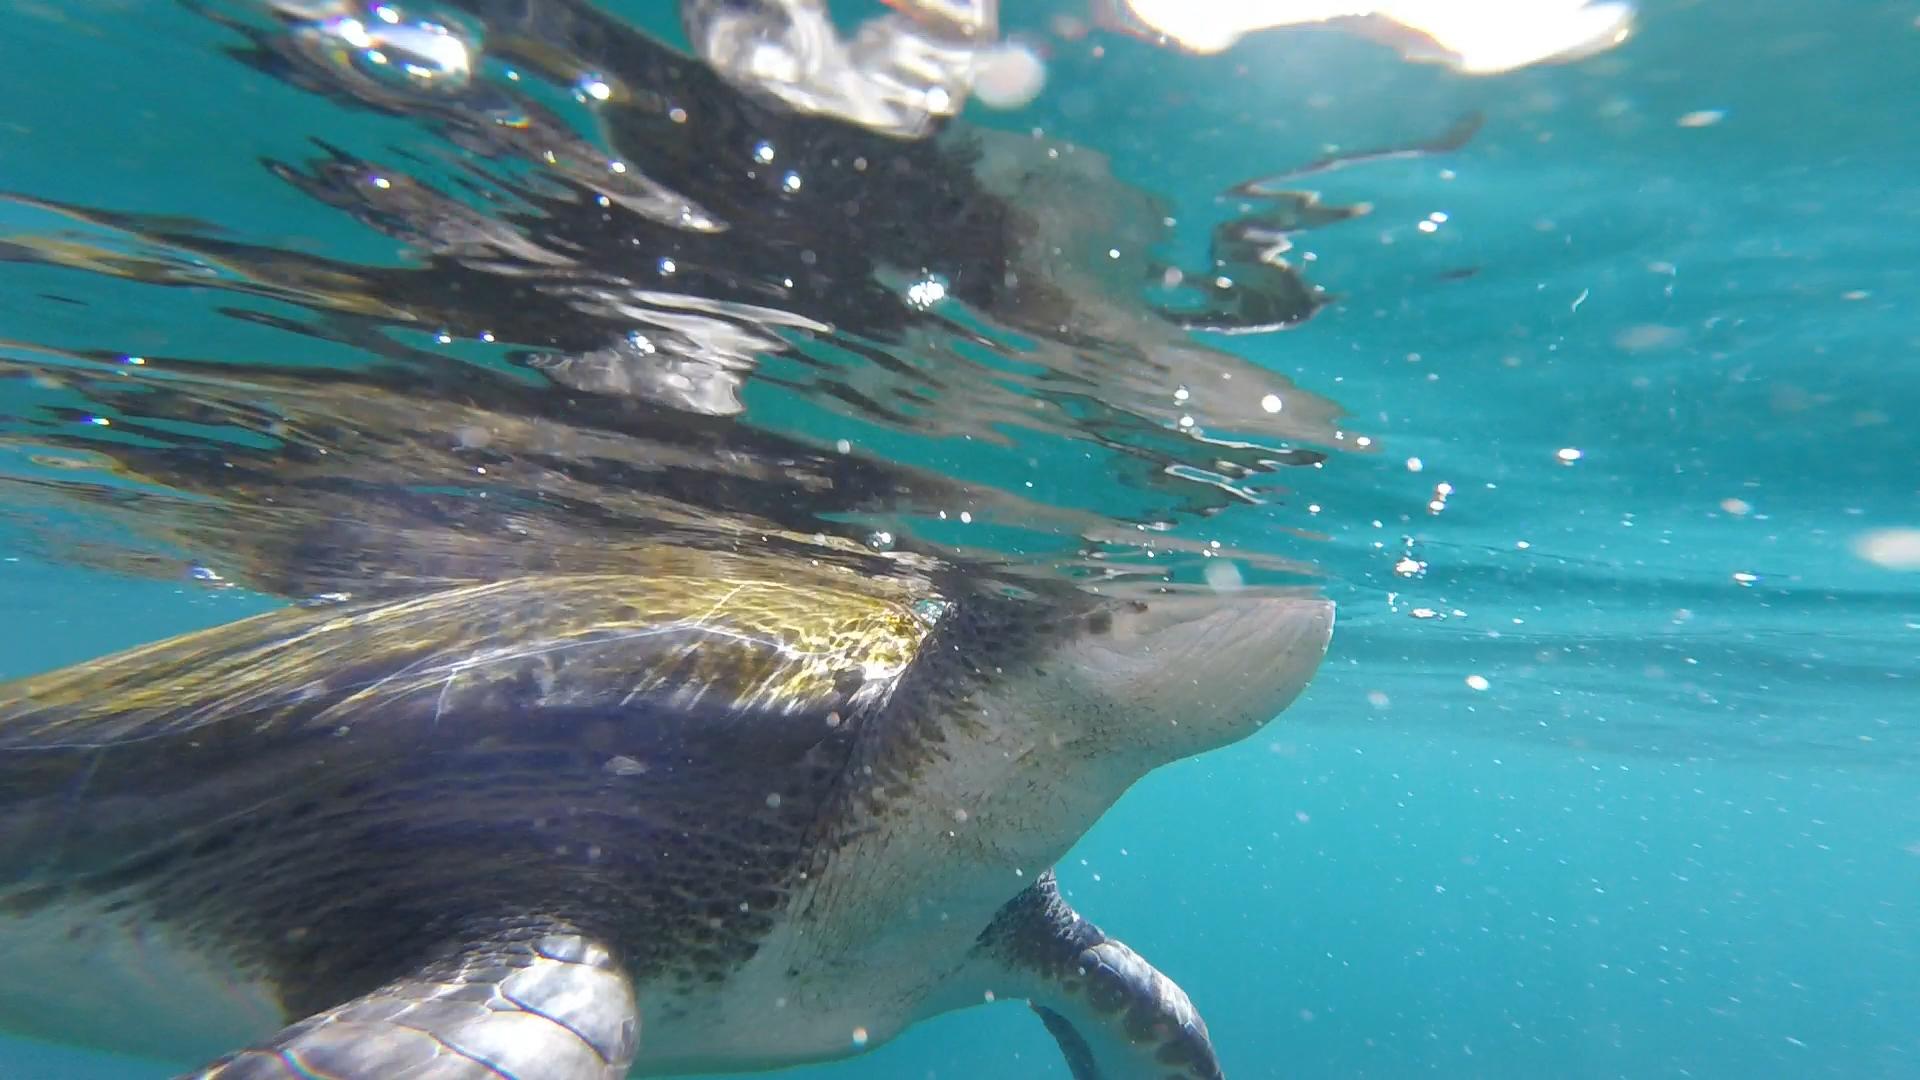 Zeeschildpad vlak voor de lens